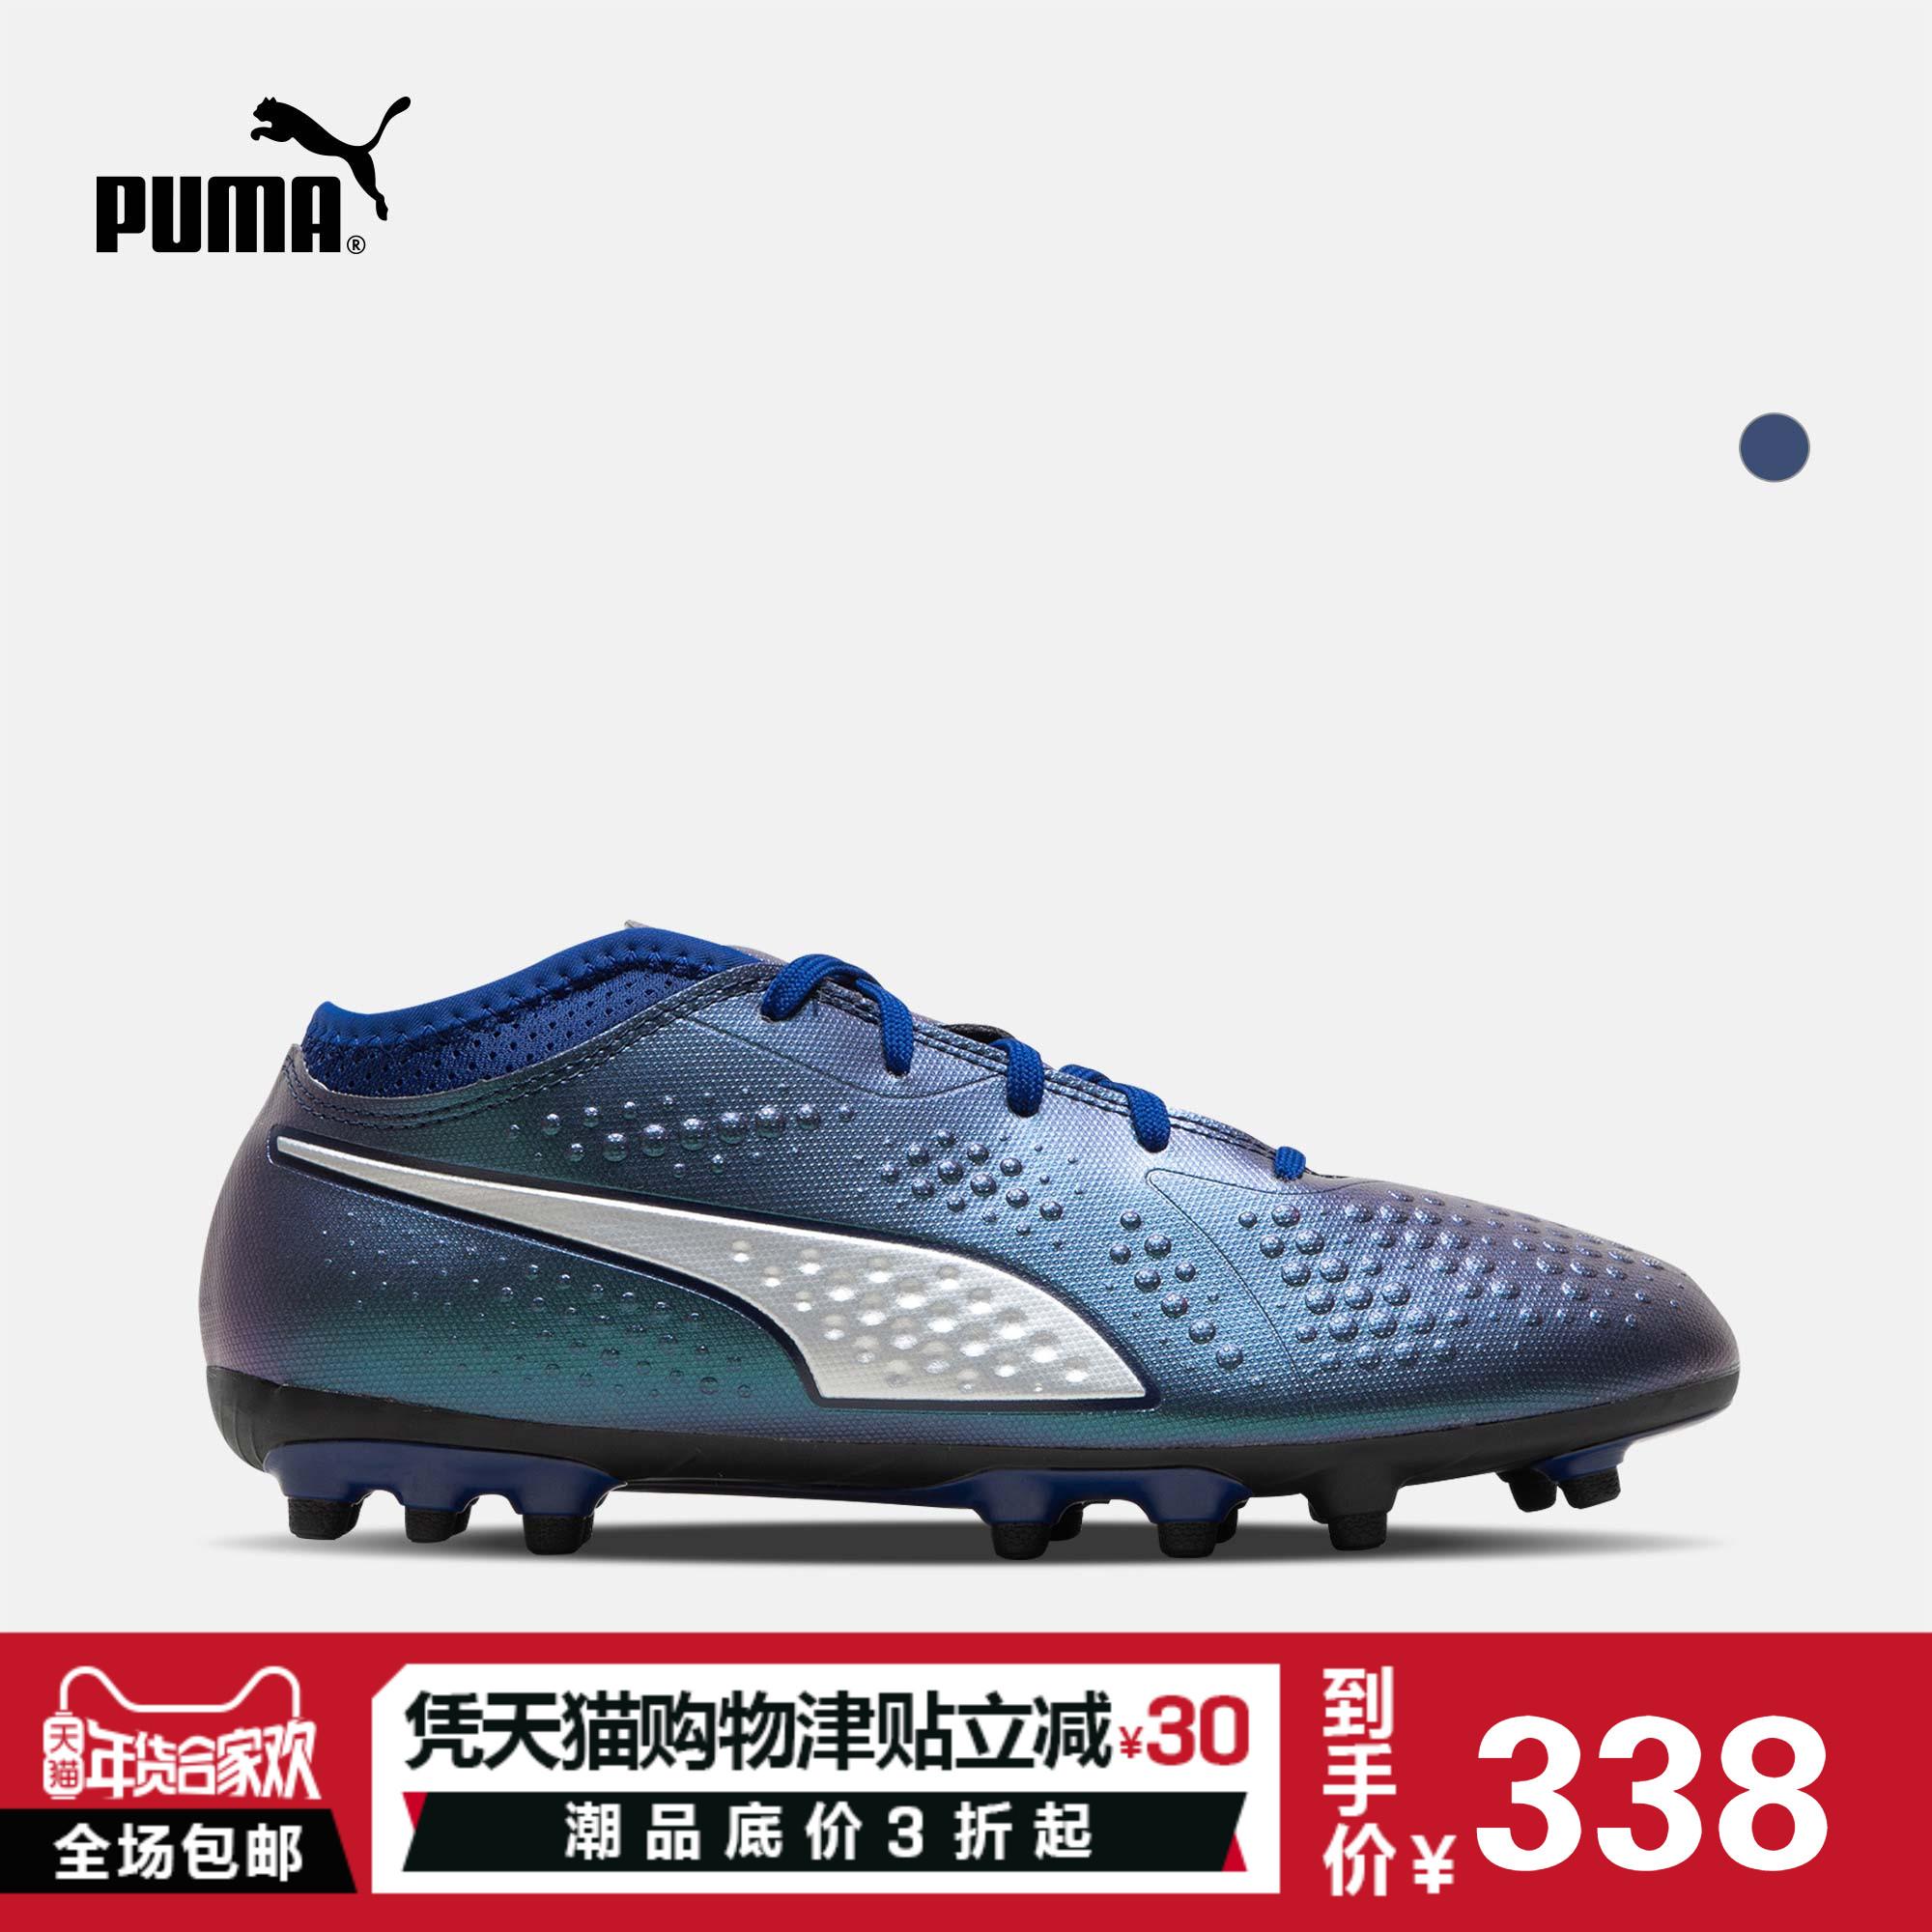 PUMA彪马官方 青少年足球鞋 PUMA ONE 4 Syn AG 104780